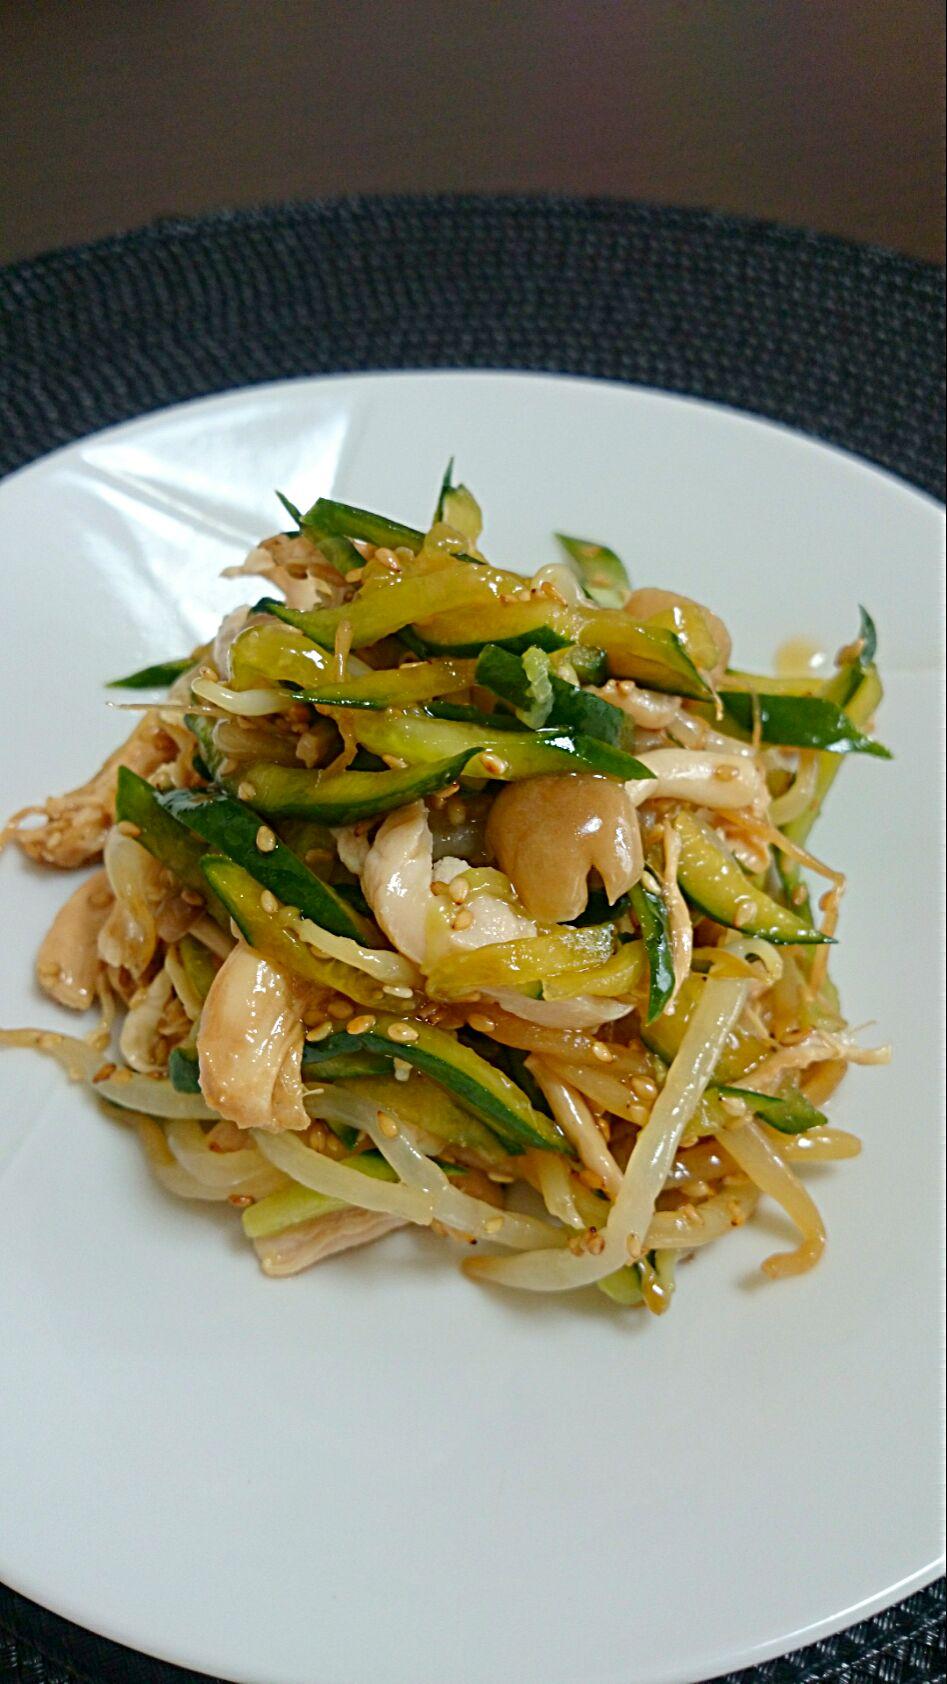 もやし 中華 サラダ ハムときゅうりともやしの中華サラダ レシピ・作り方